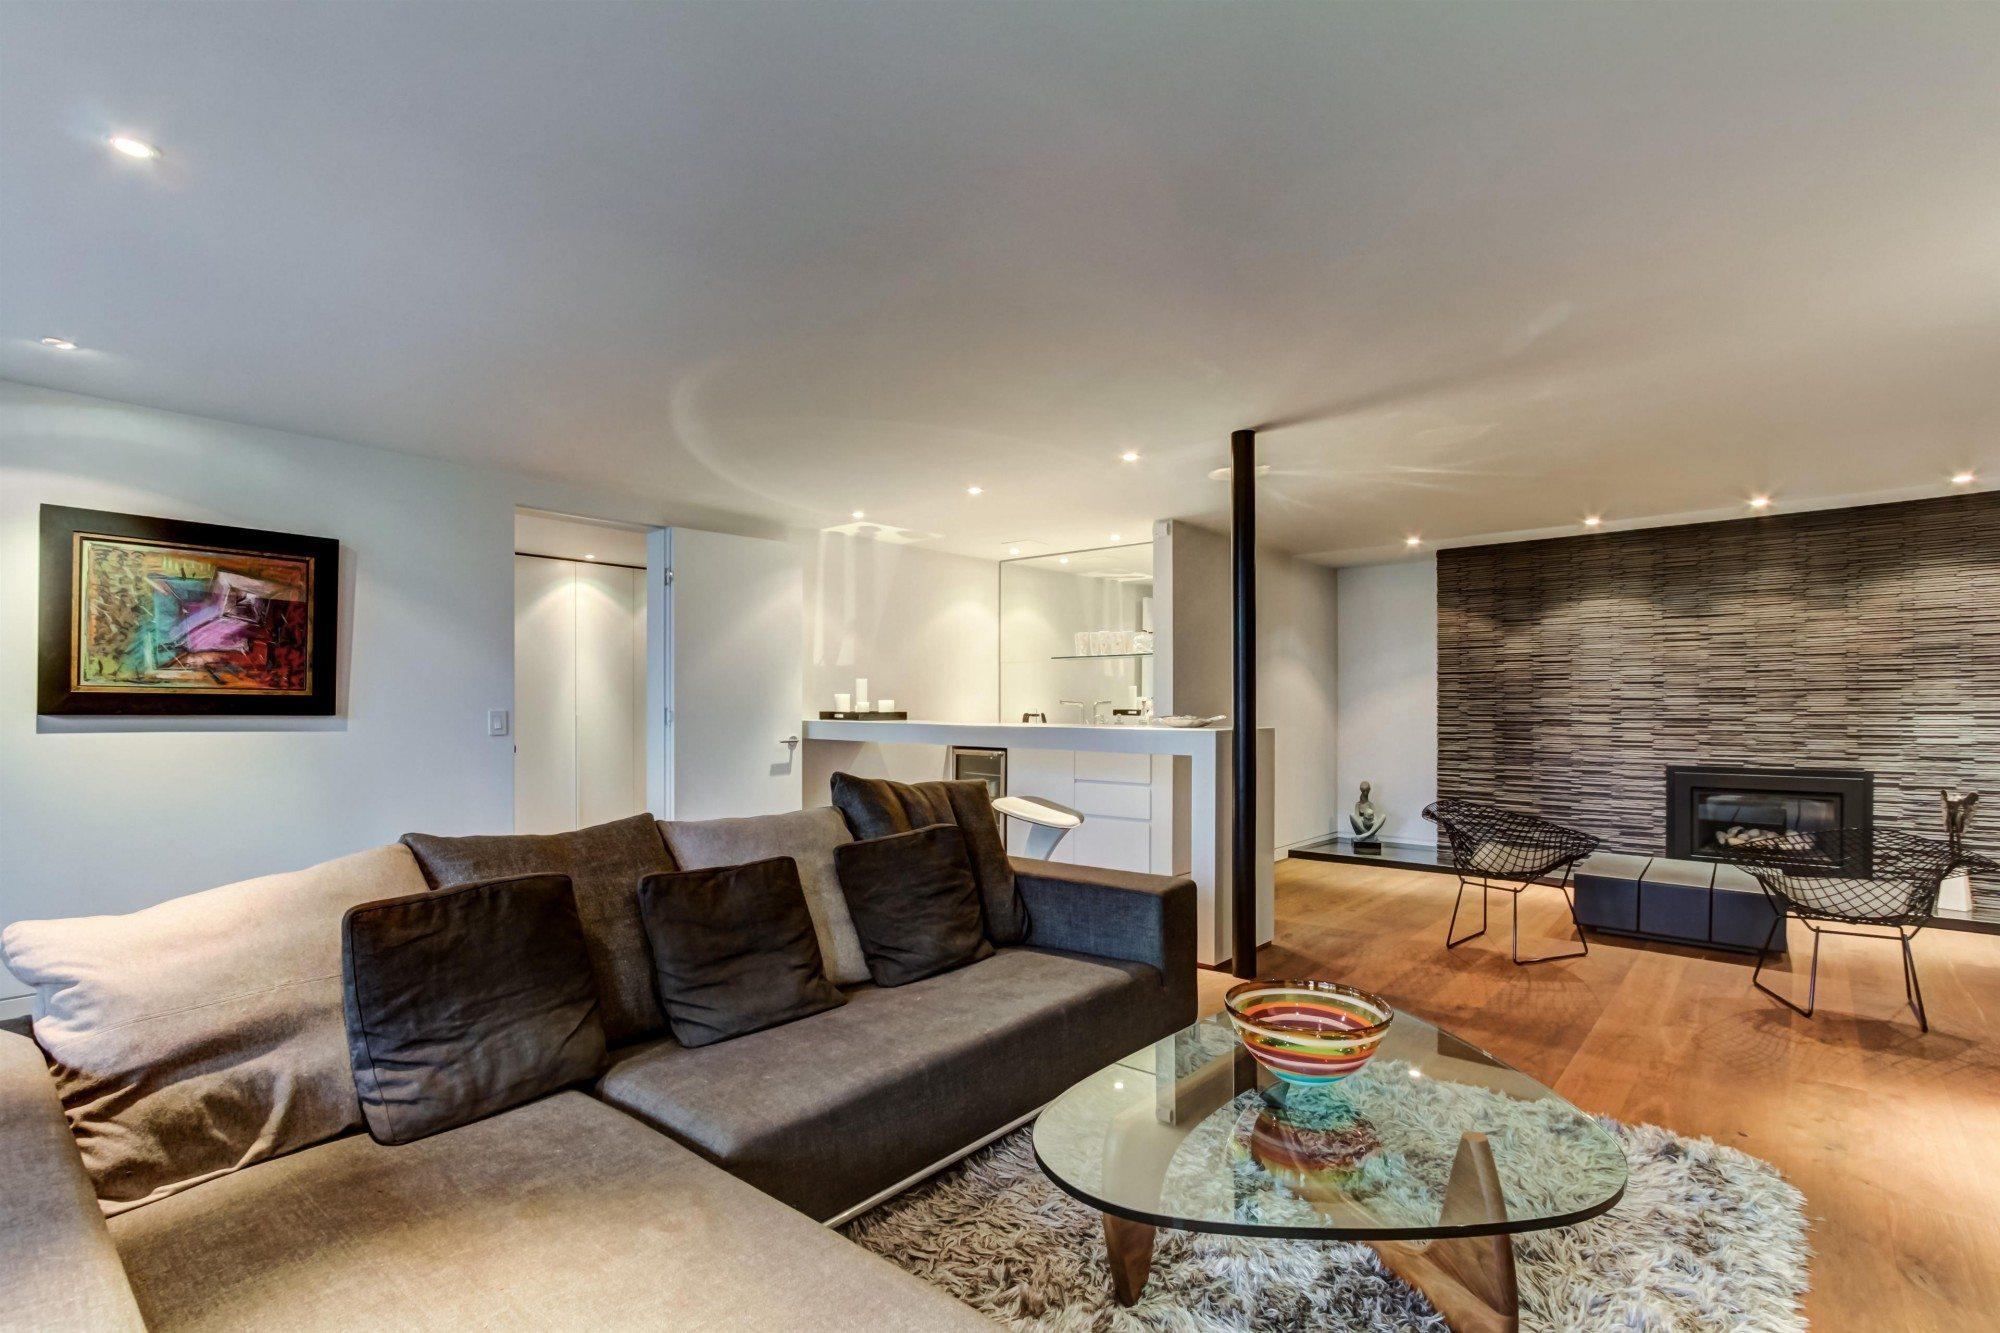 toronto-house-for-sale-307-hillhurst-boulevard-3